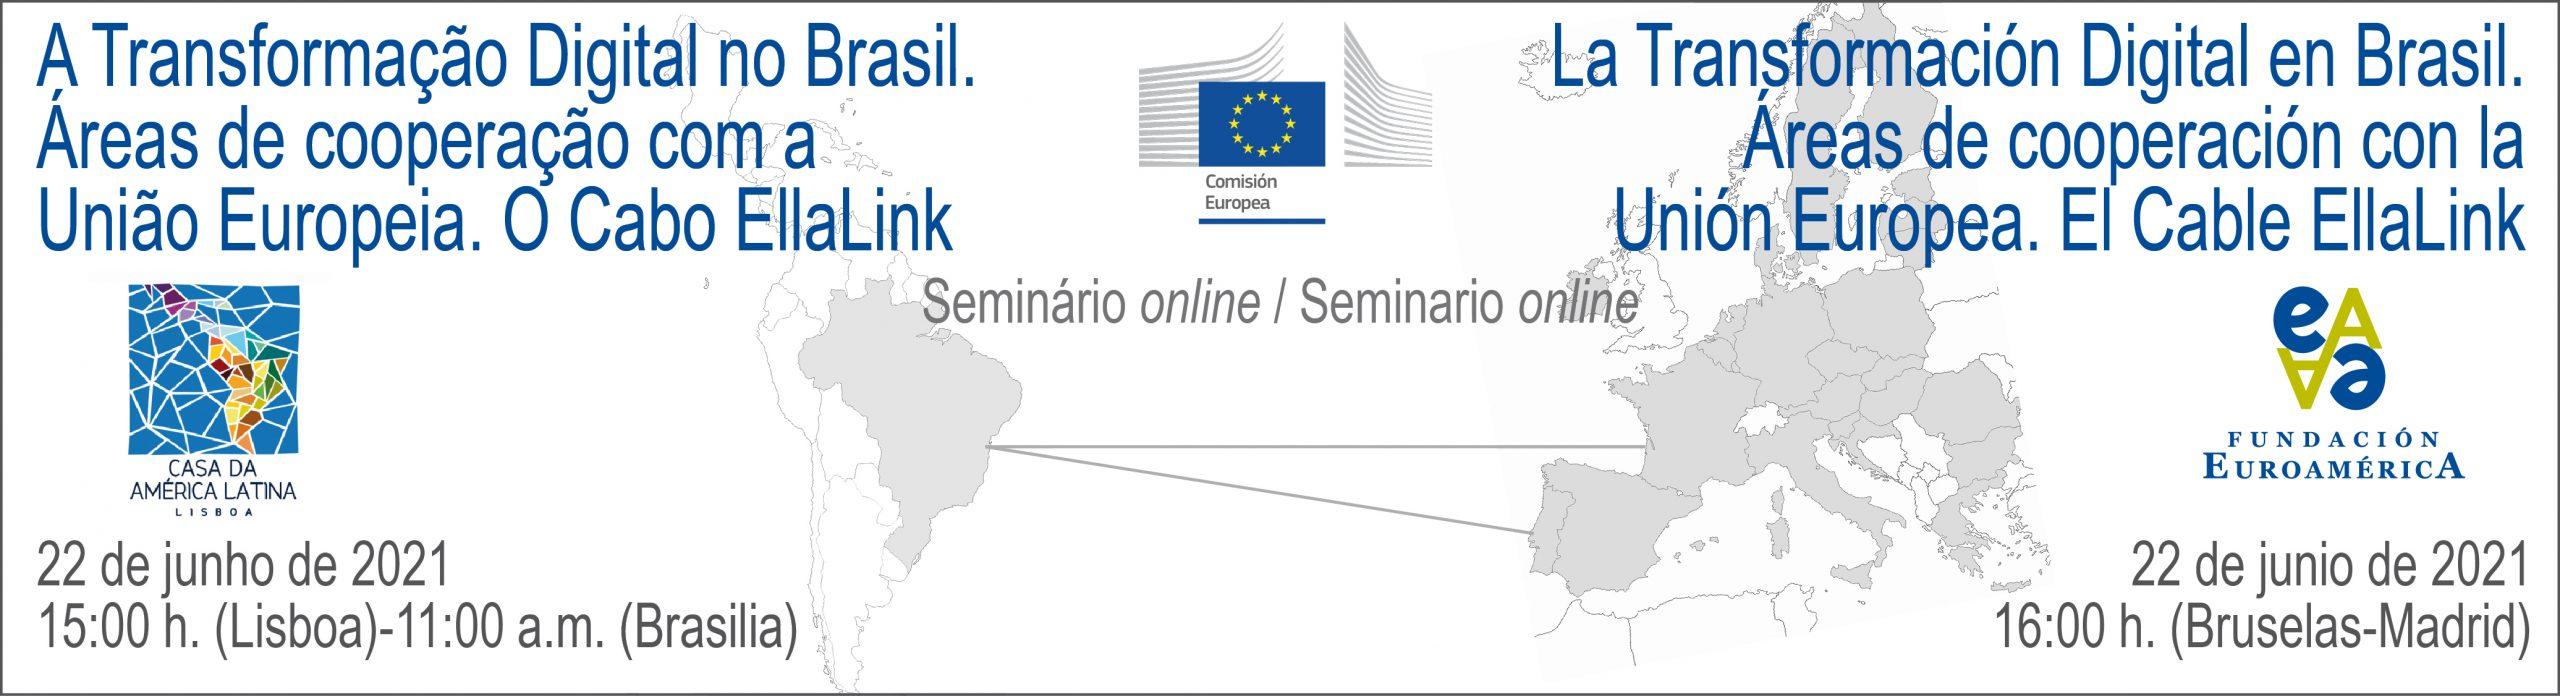 Seminário online / Seminario online